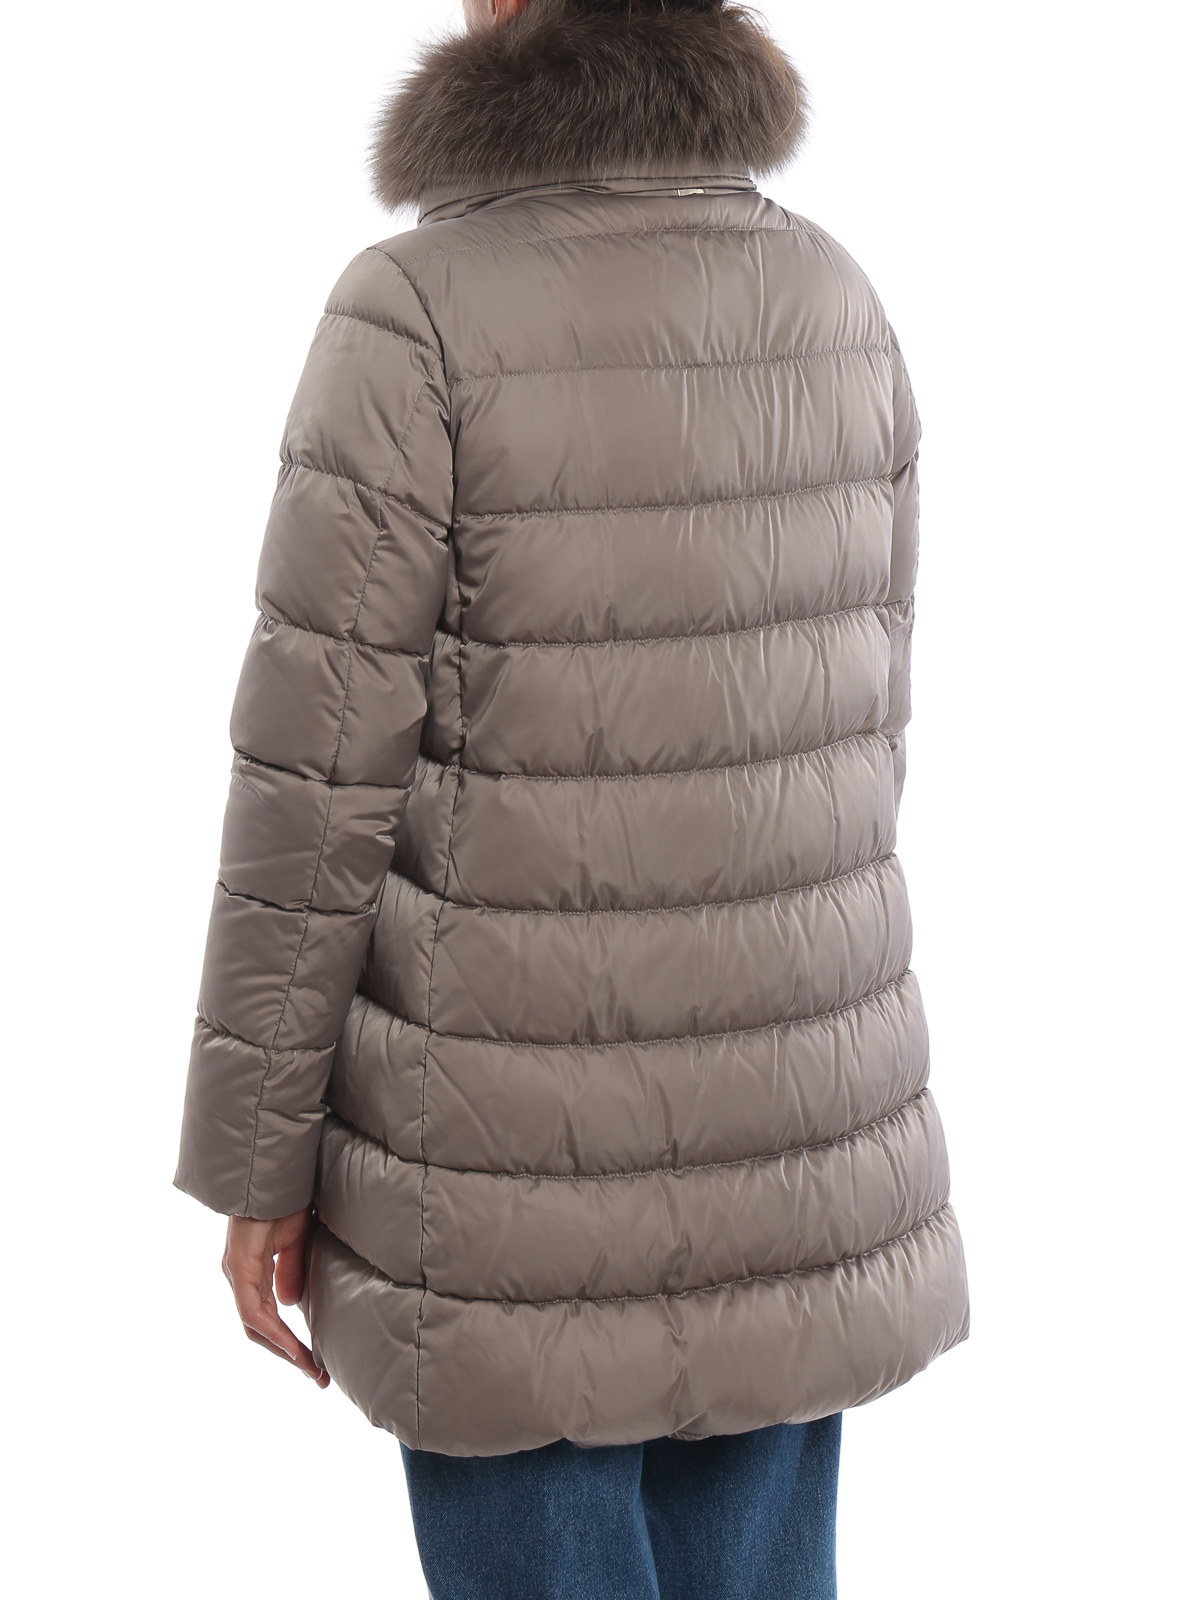 buy online 46599 b9d61 Herno - Piumino lungo beige con pelliccia e zip - cappotti ...